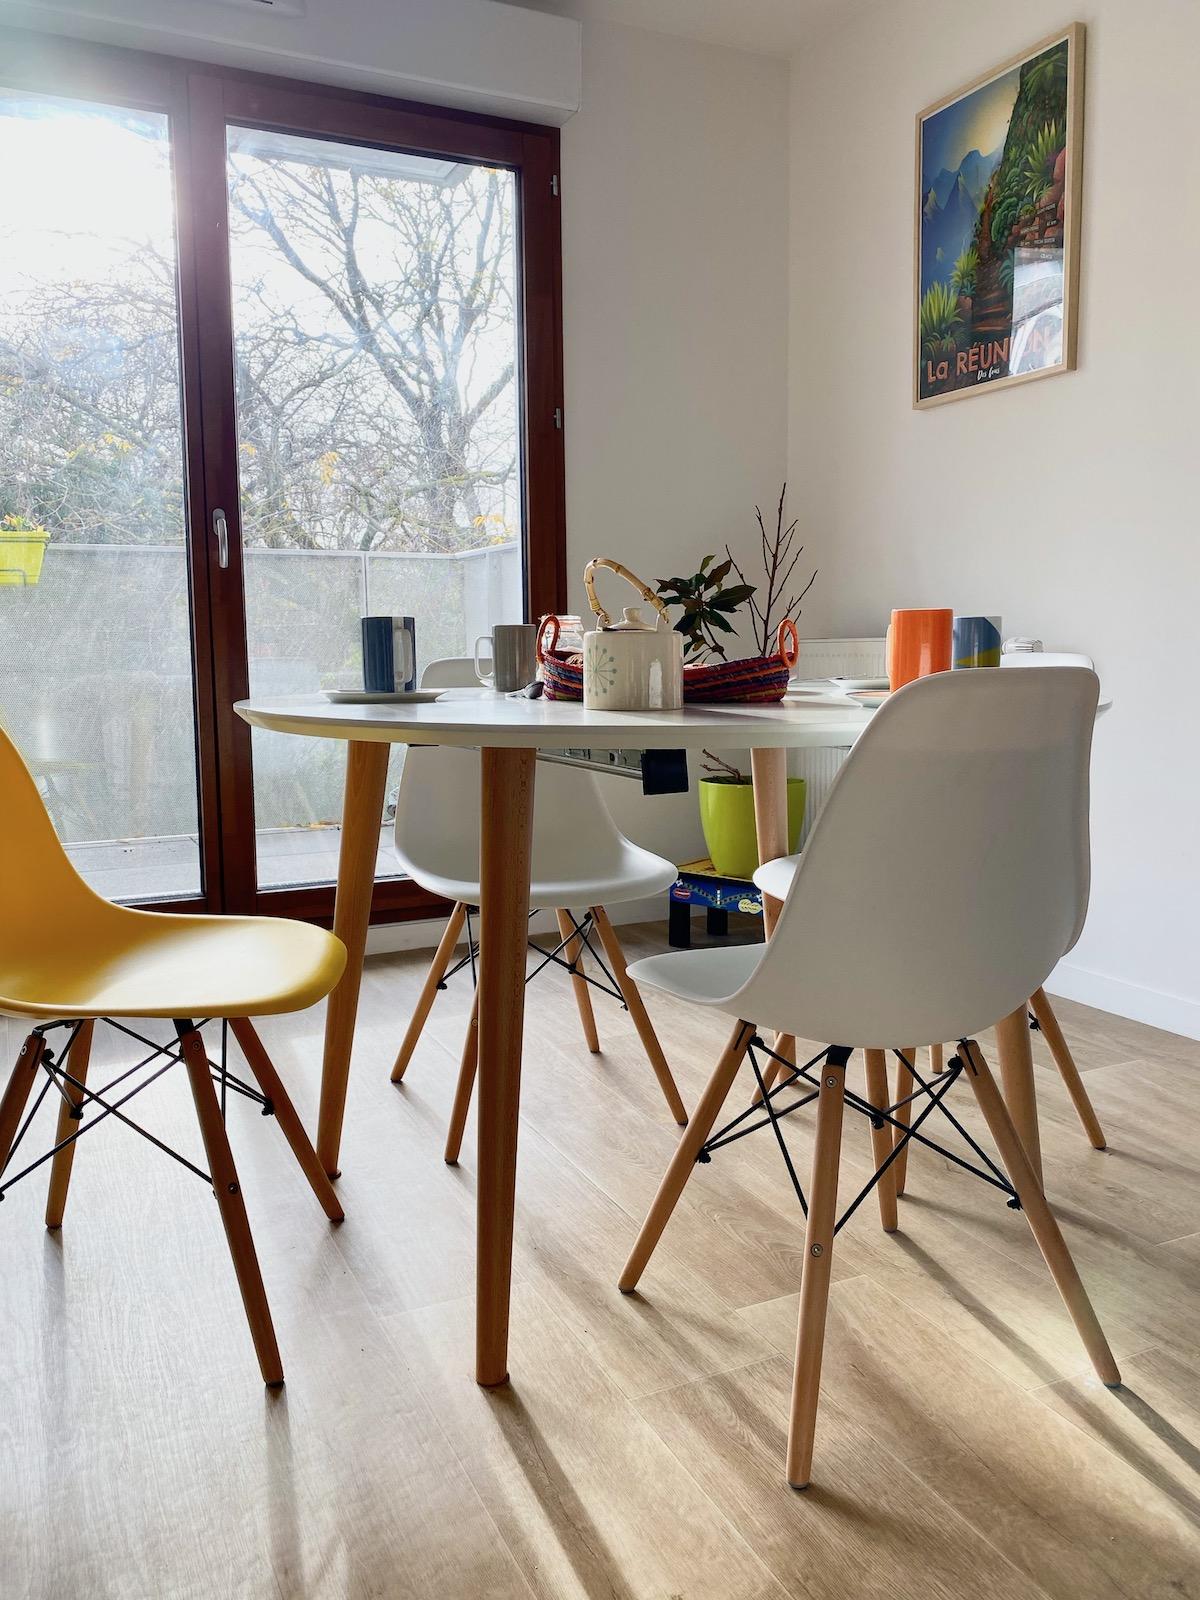 salle à manger chaise blanche jaune scandinave villa condroyer